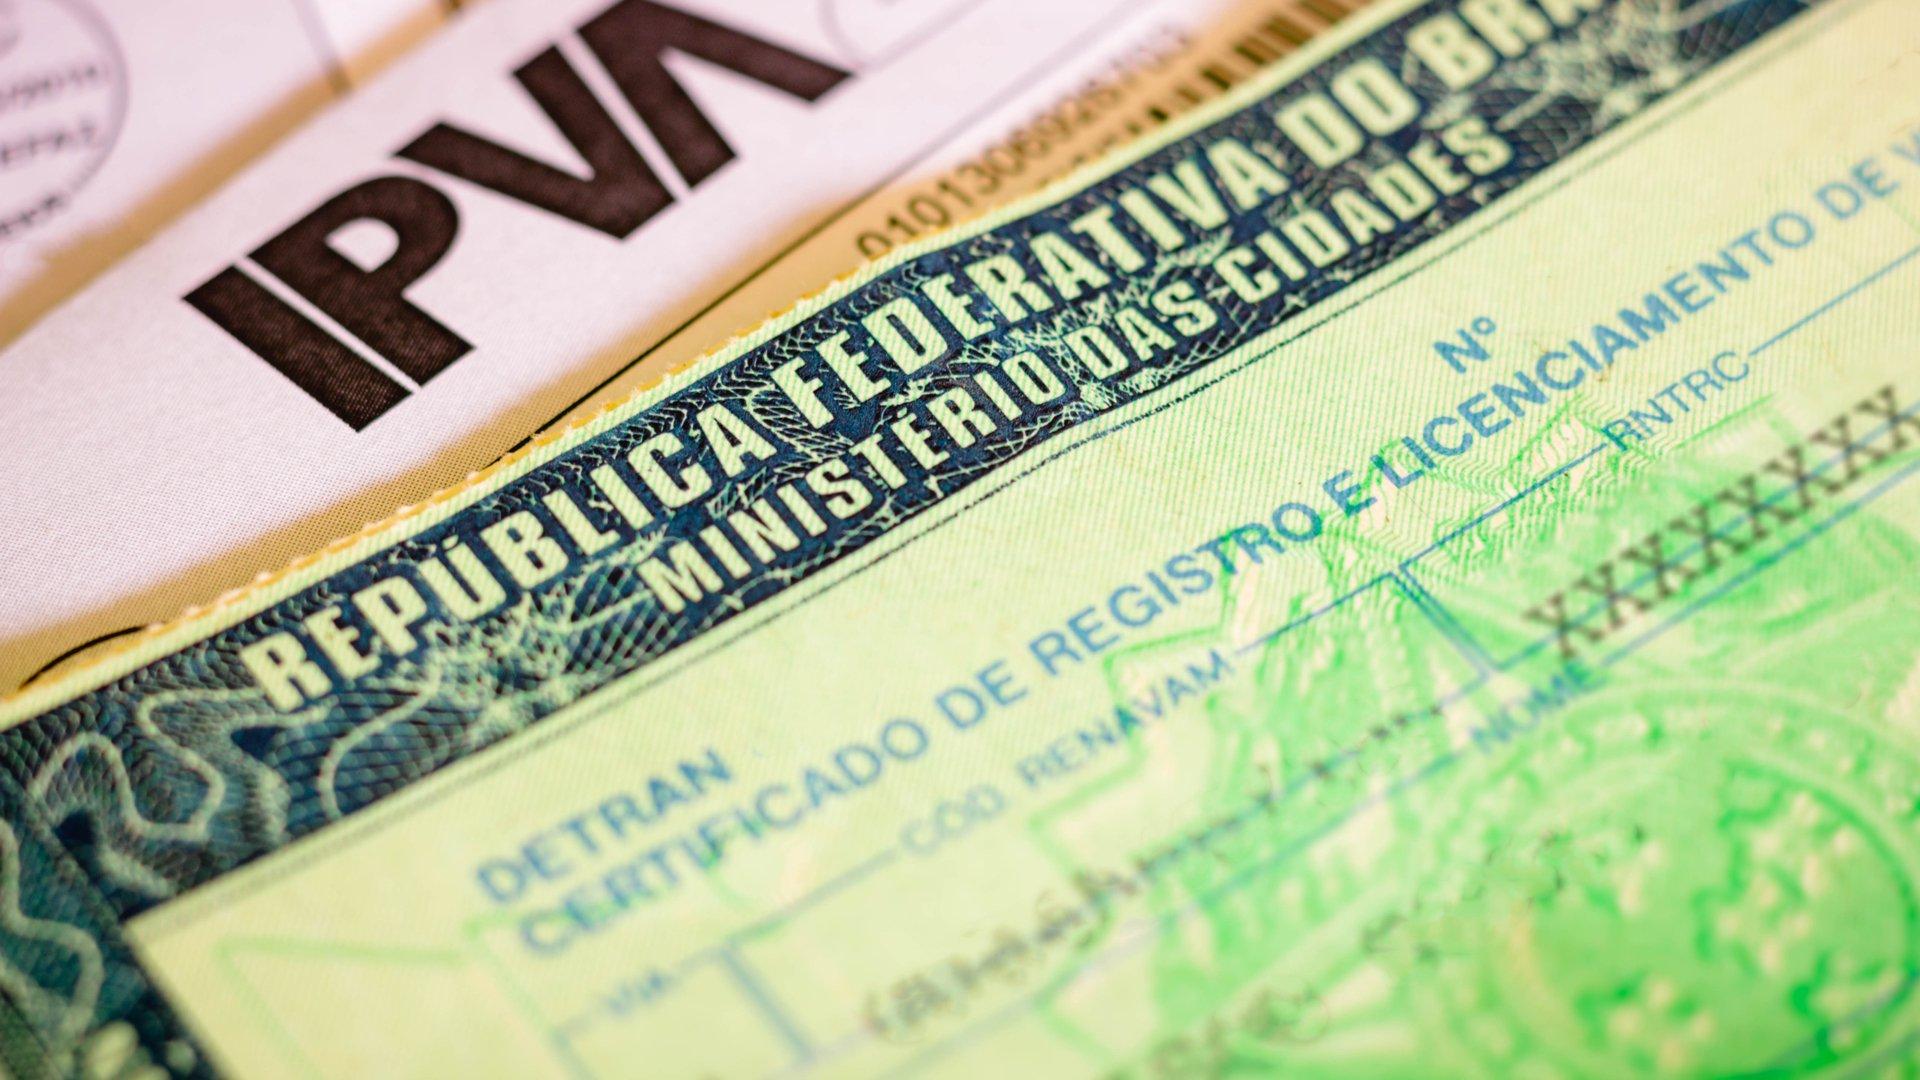 crlv papel moeda certificado registro licenciamento veiculo shutterstock 1888683439